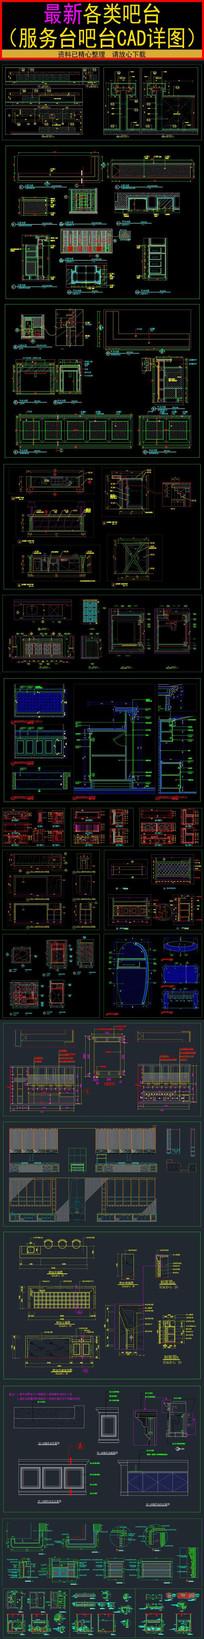 新款服务台吧台CAD